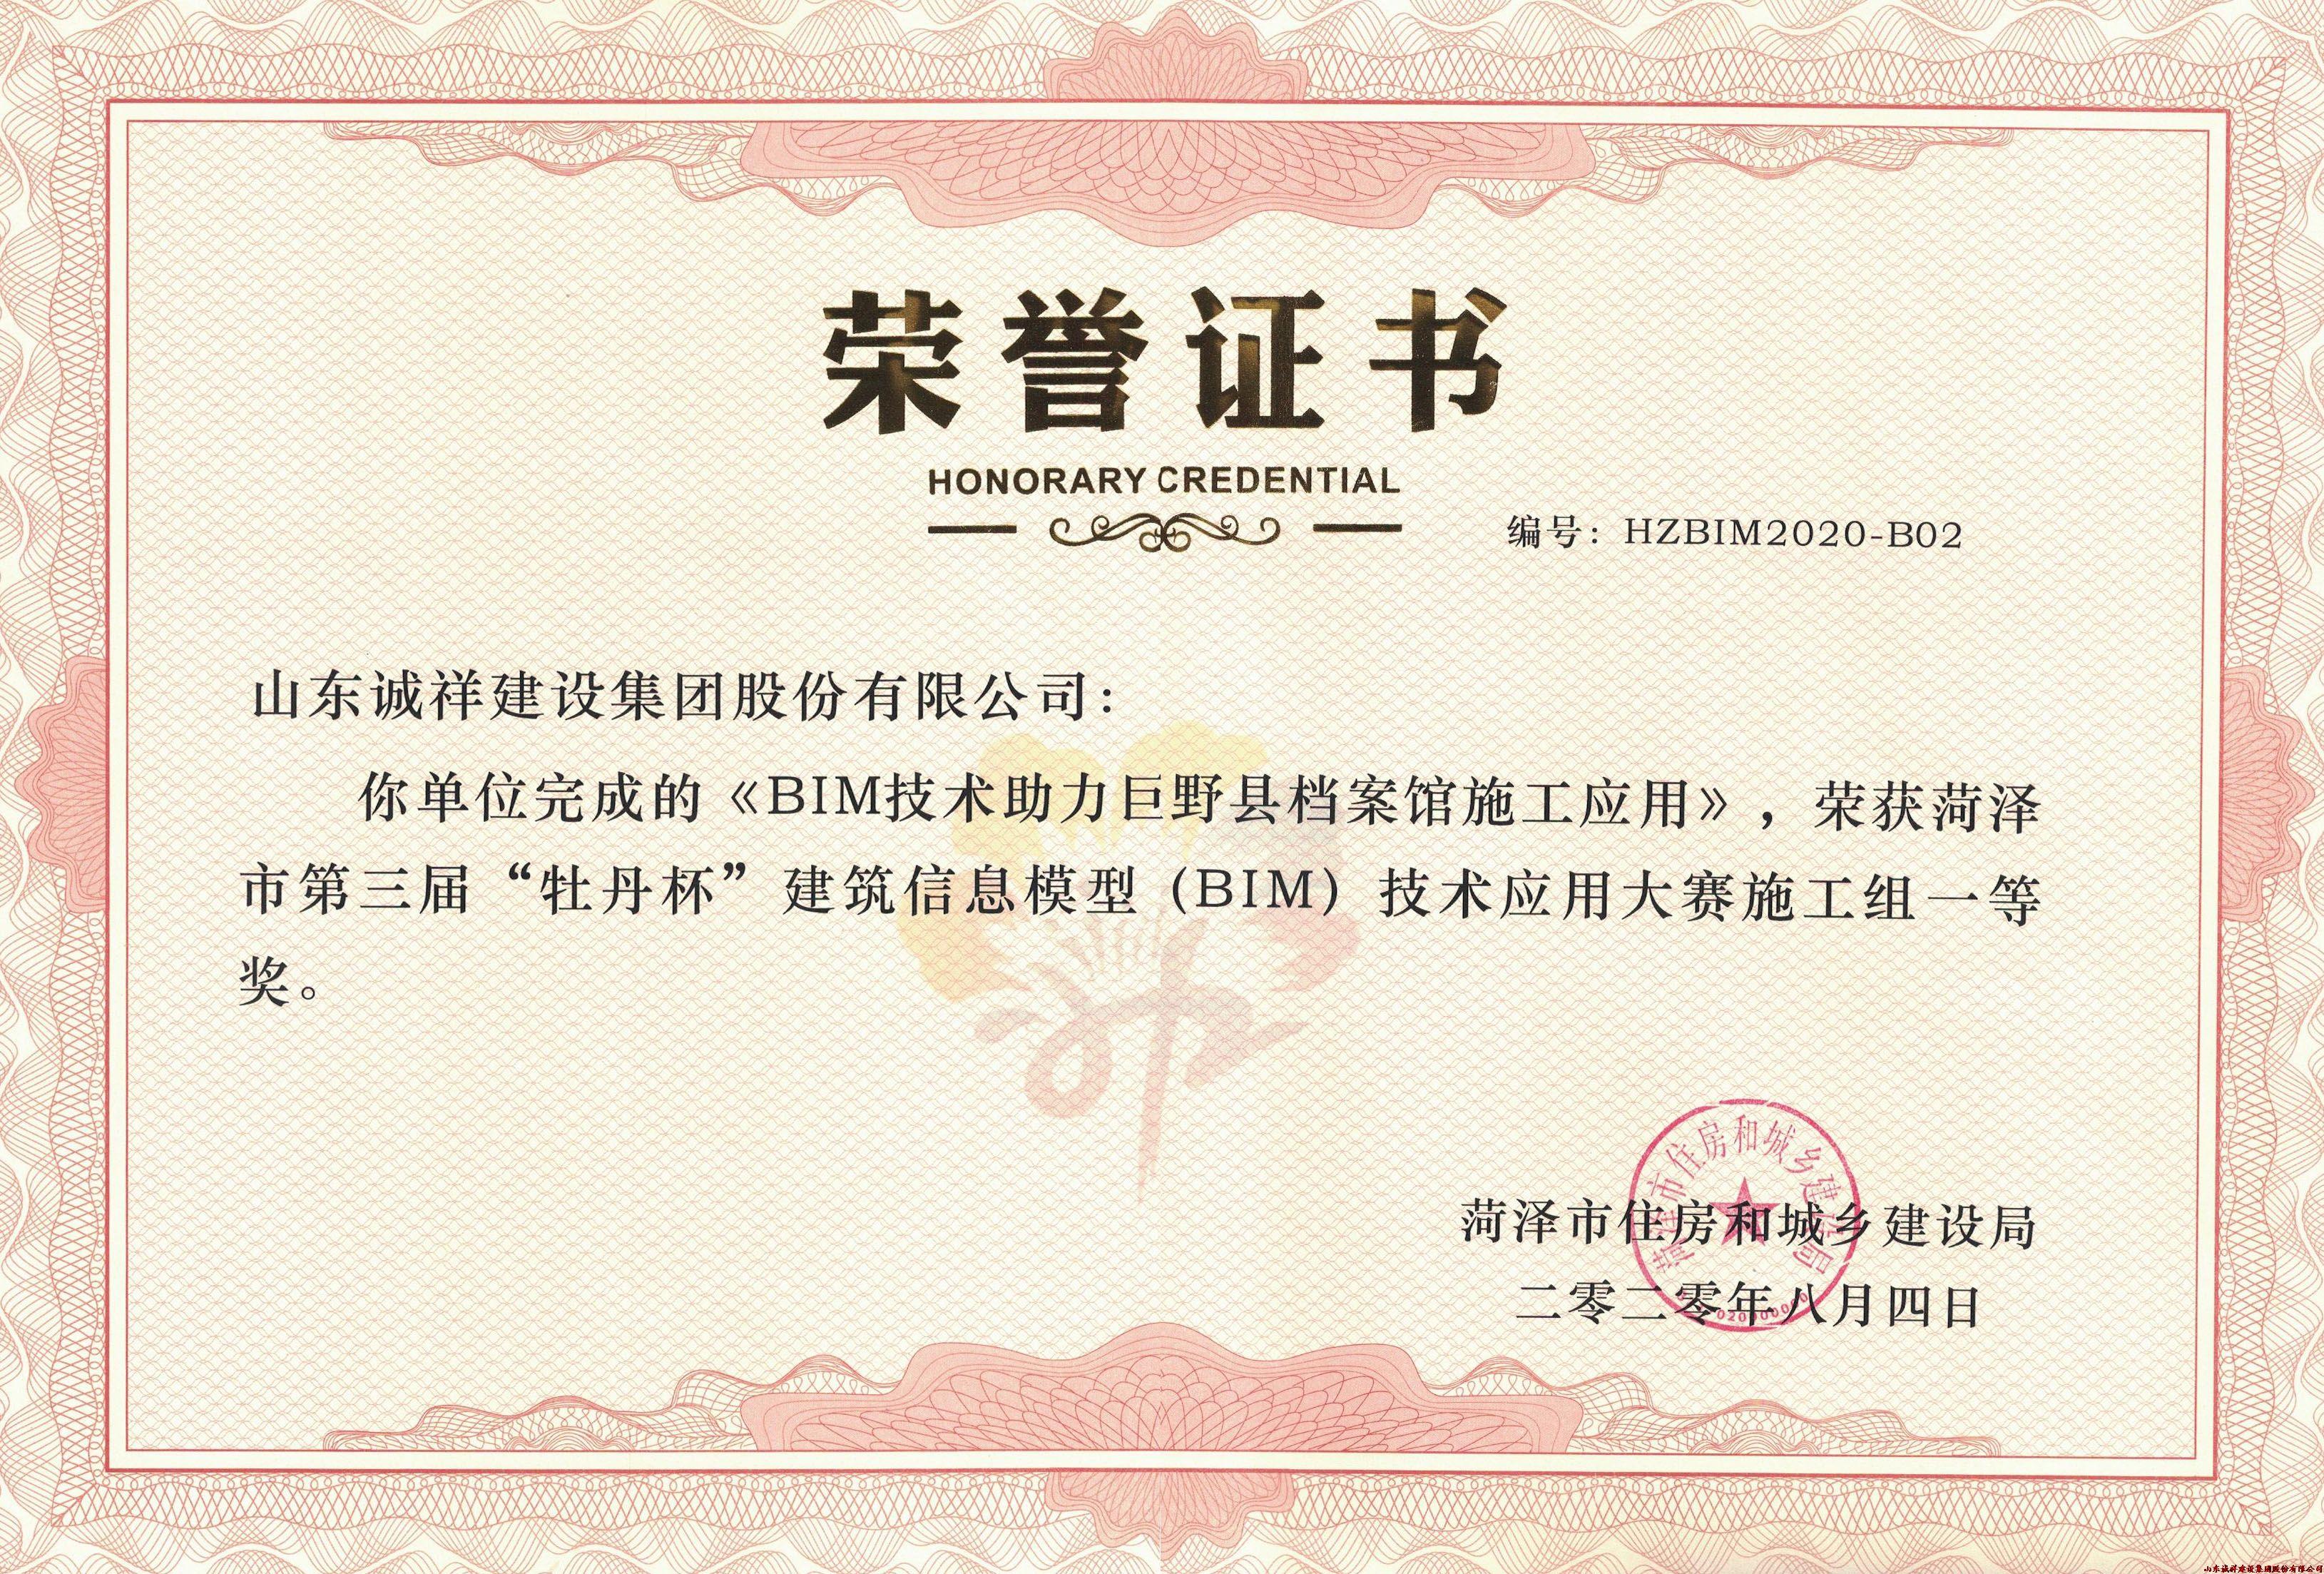 """喜讯!公司荣获菏泽市""""牡丹杯""""BIM大赛两项"""